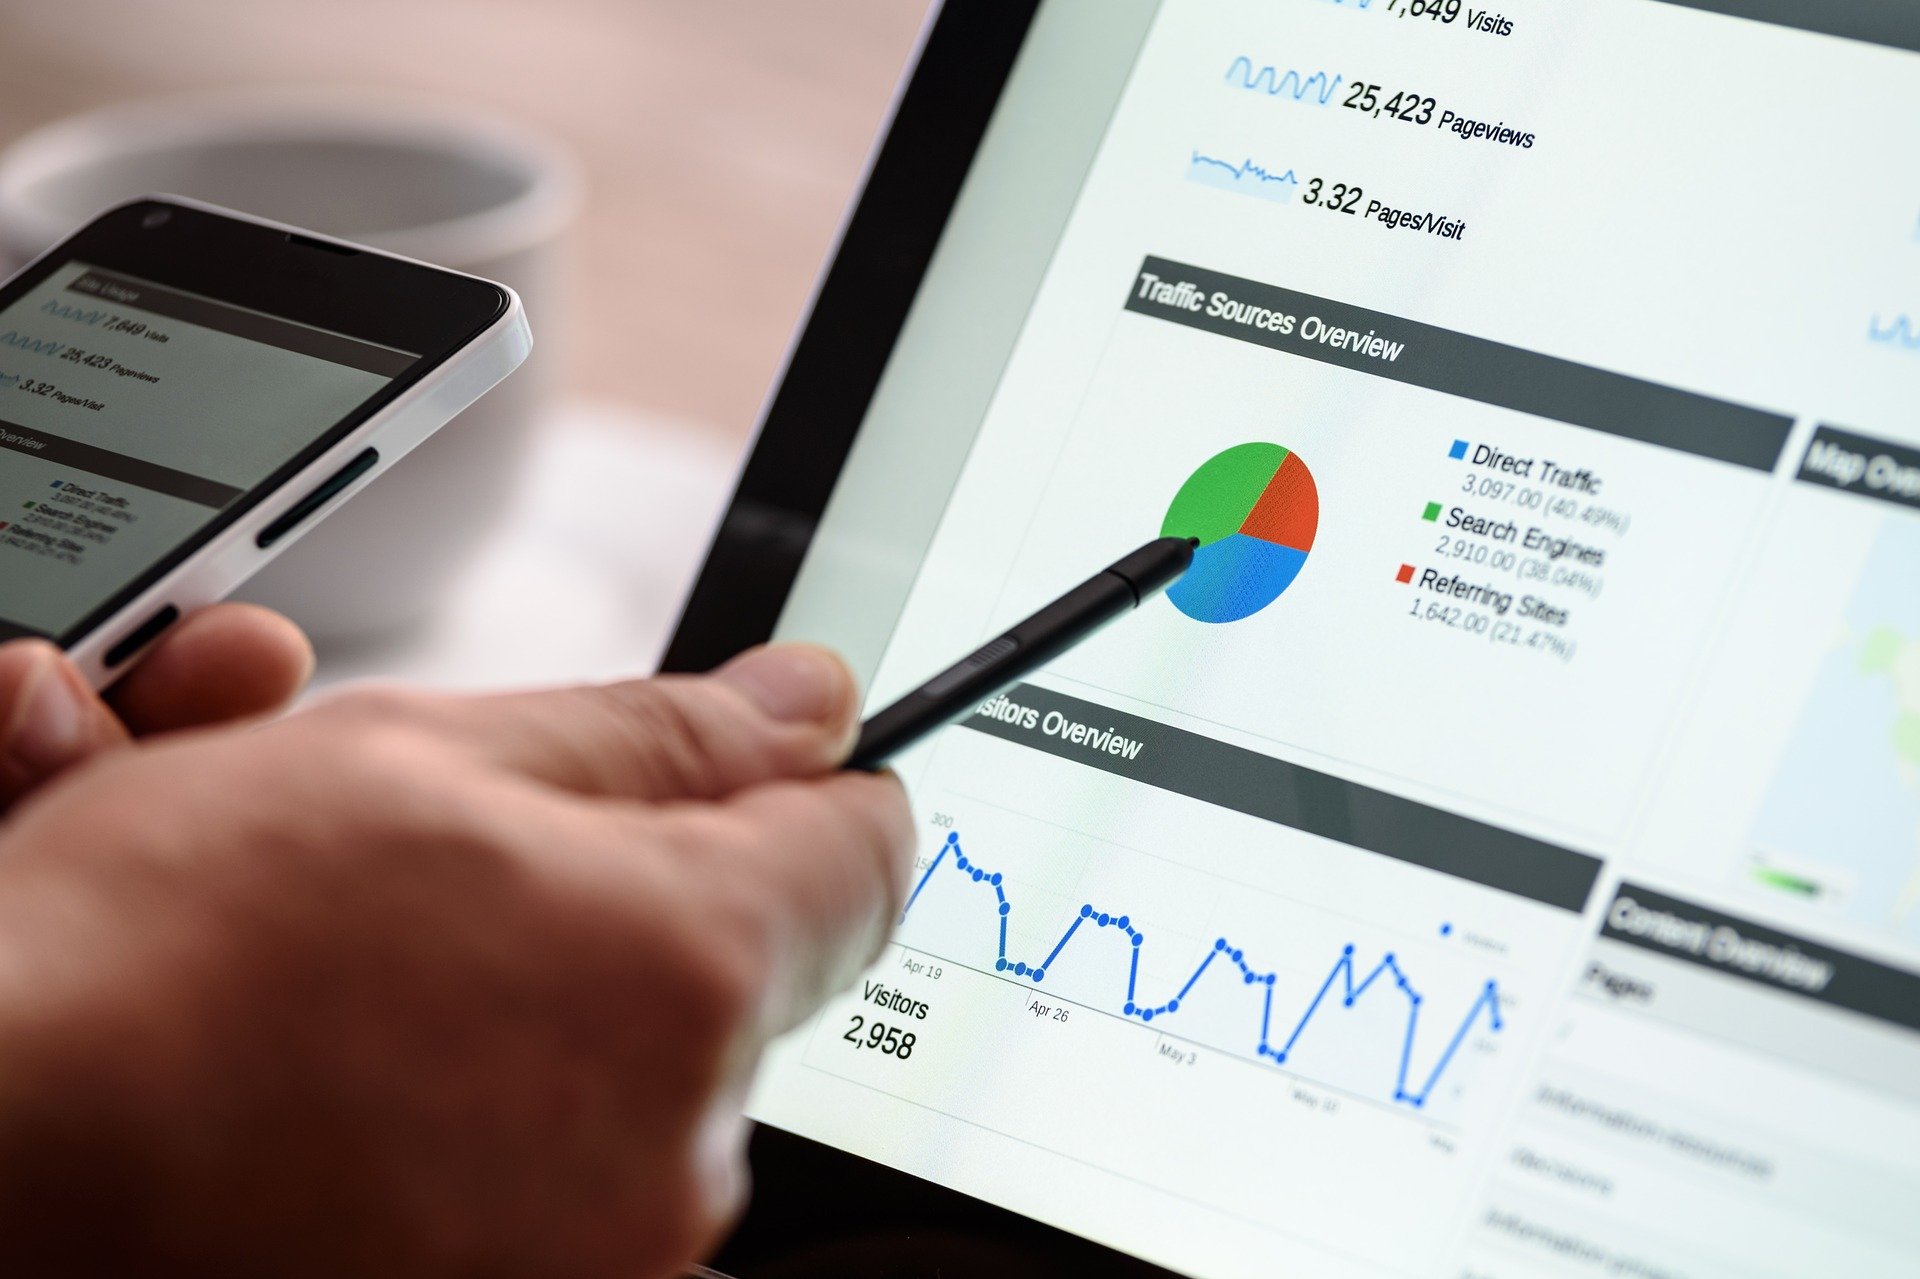 Agencja marketingowa - pozycjonowanie i optymalizacja